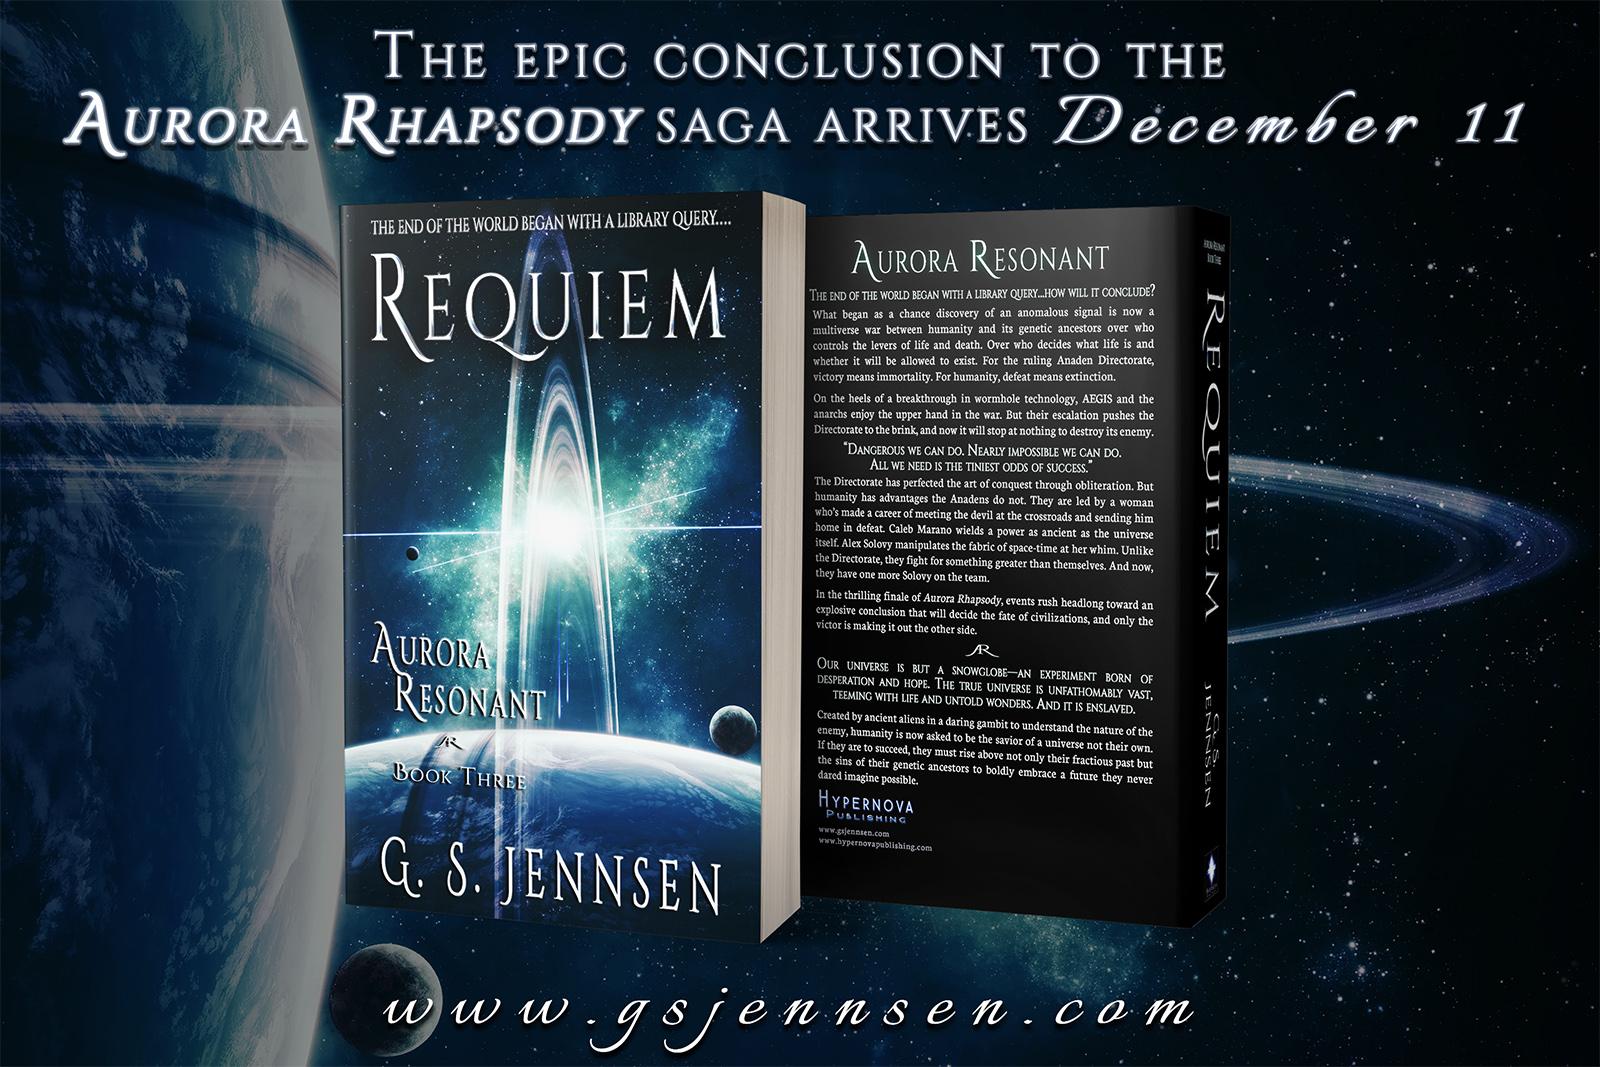 Requiem-Paperback-Front-Back_v2_1600.jpg